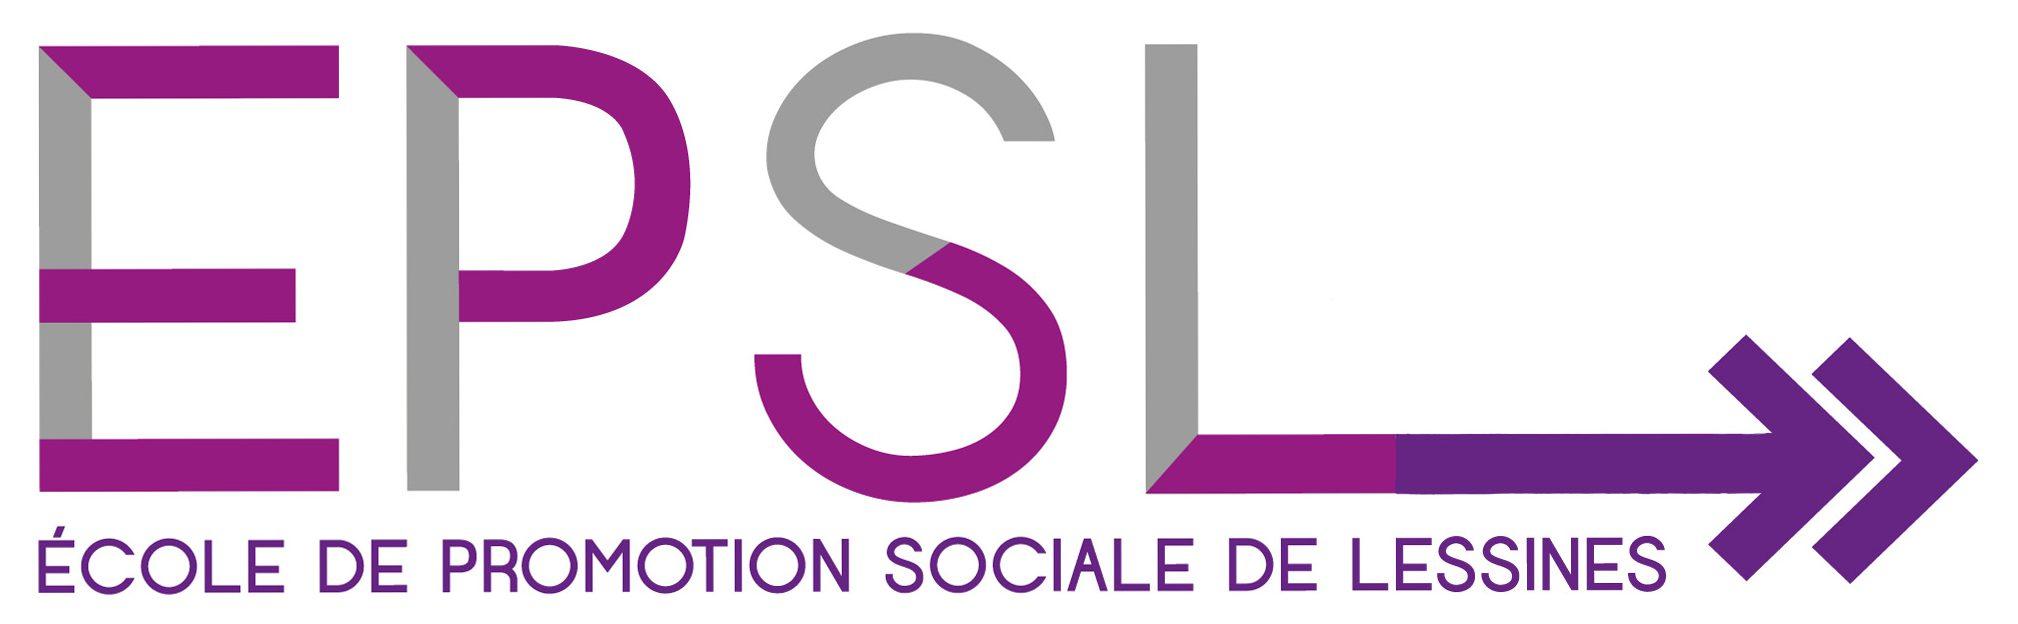 École de Promotion sociale de Lessines – cours du jour et cours du soir